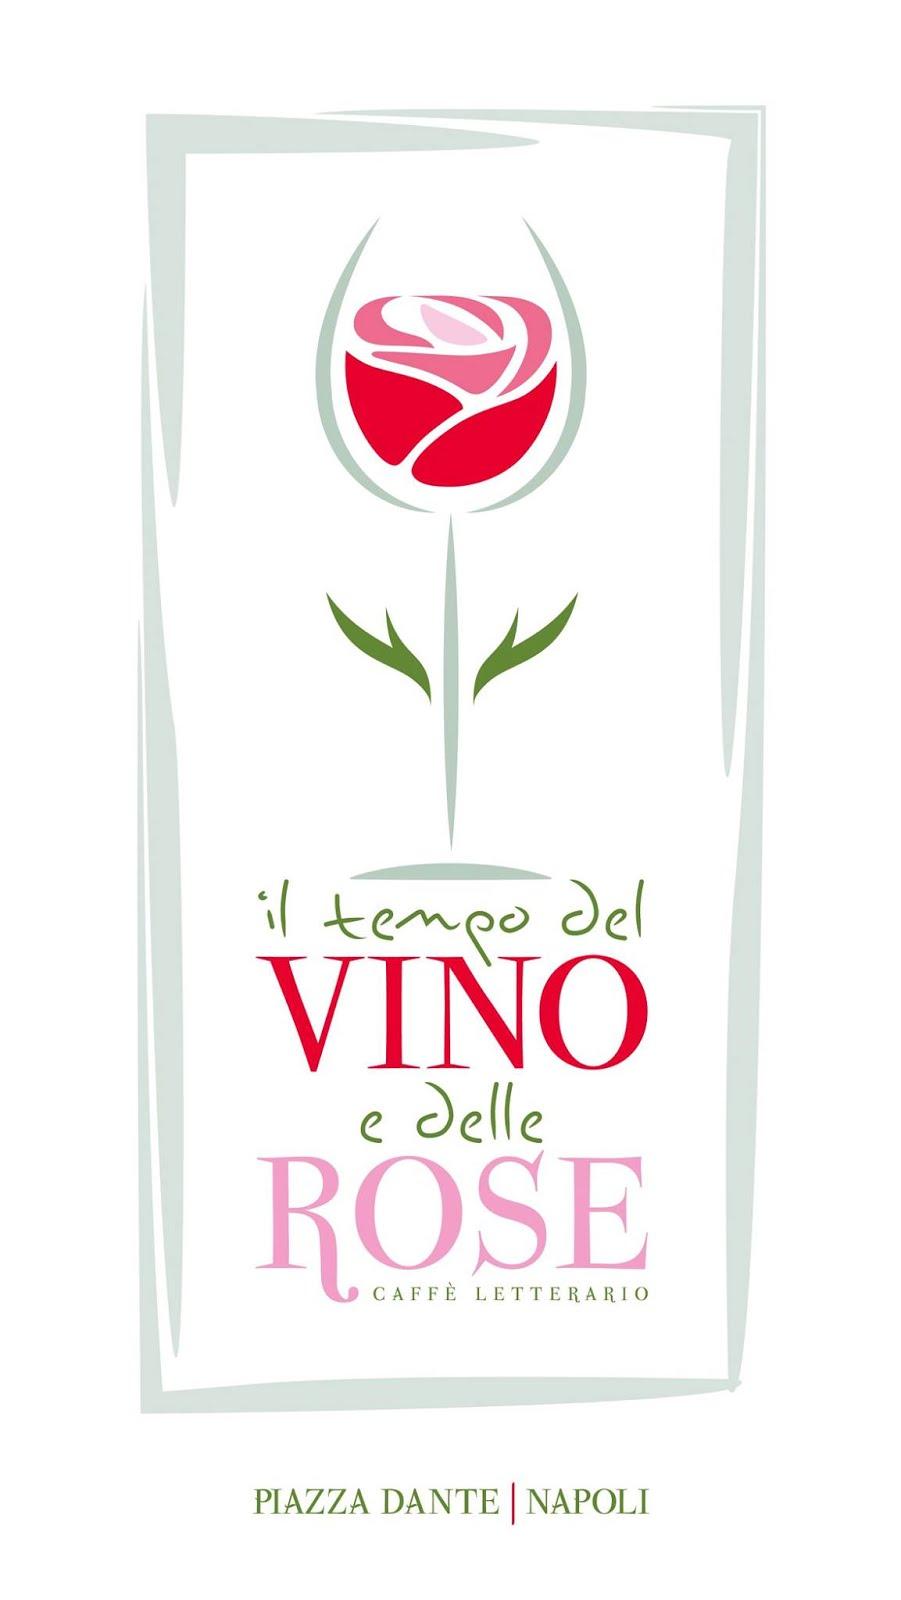 Il tempo del vino e delle rose